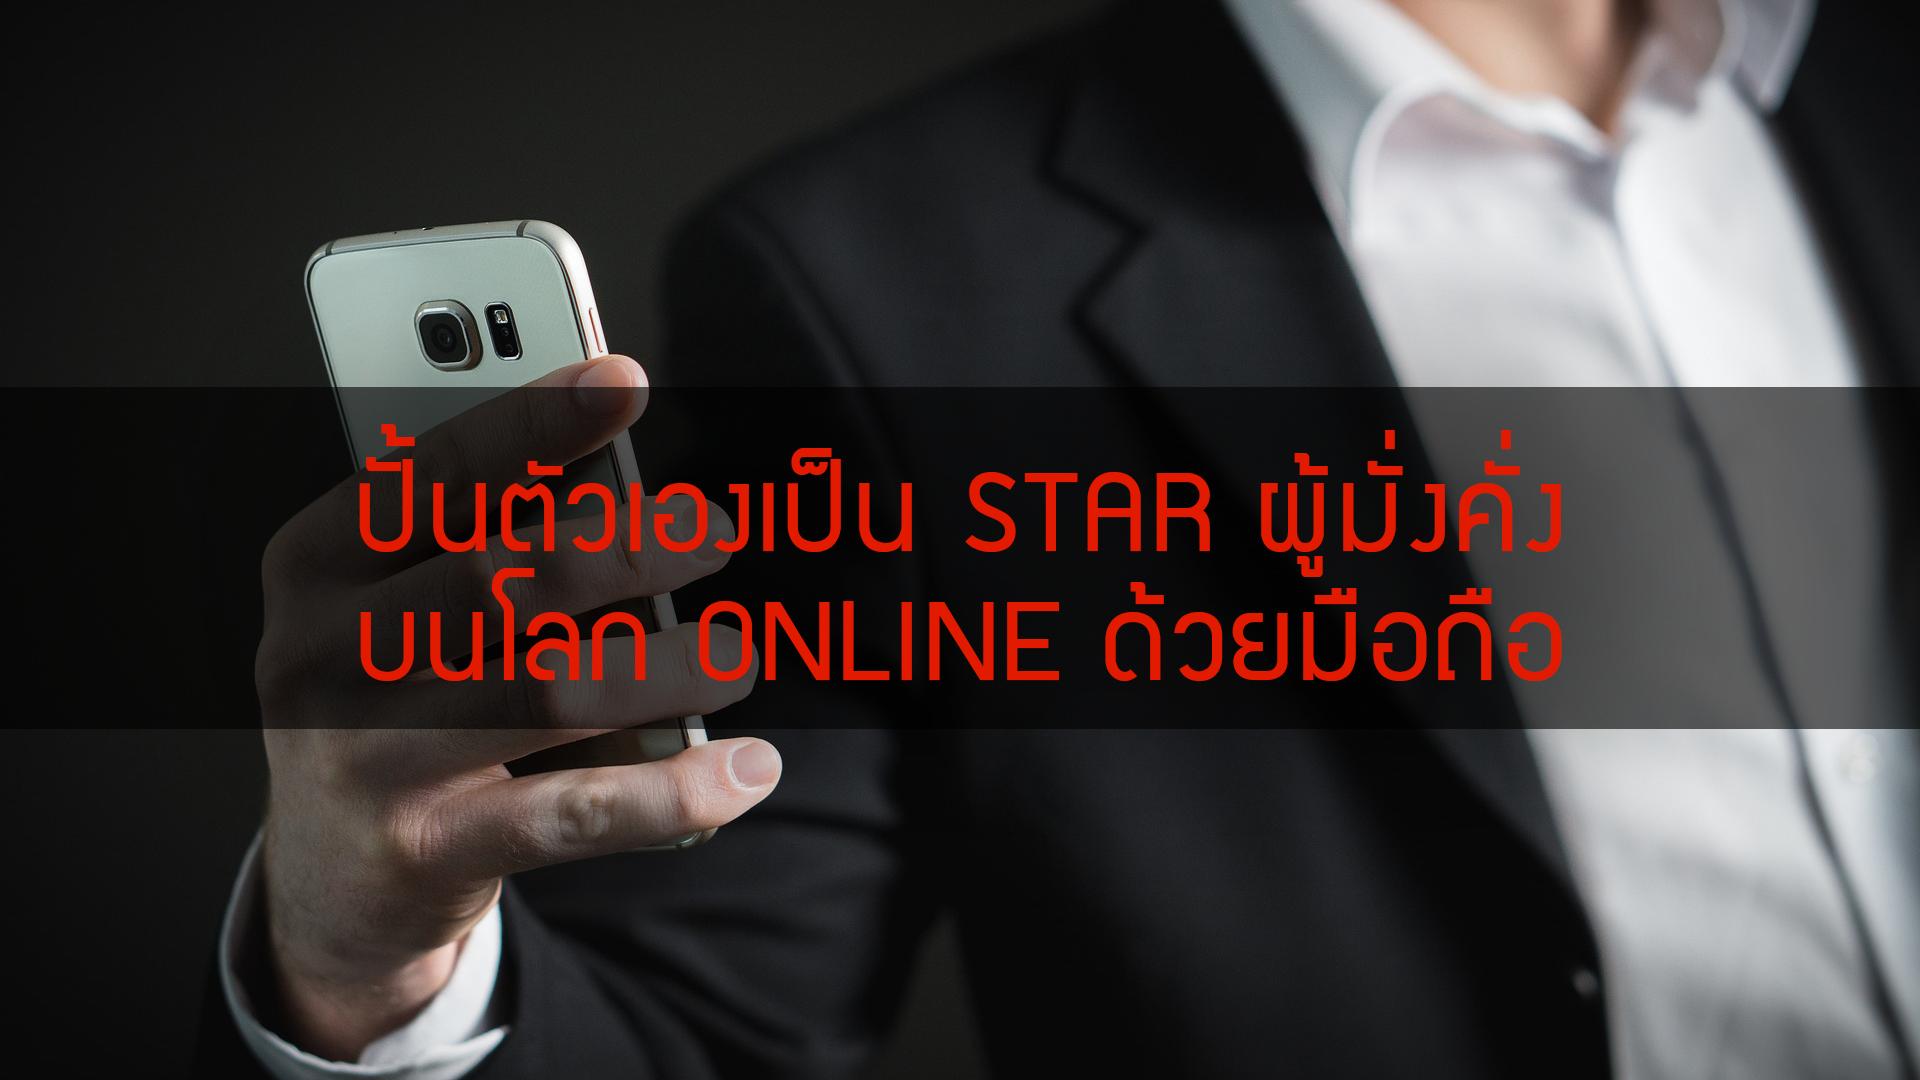 ปั้นตัวเองเป็น STAR ผู้มั่งคั่ง บนโลก ONLINE ด้วยมือถือ